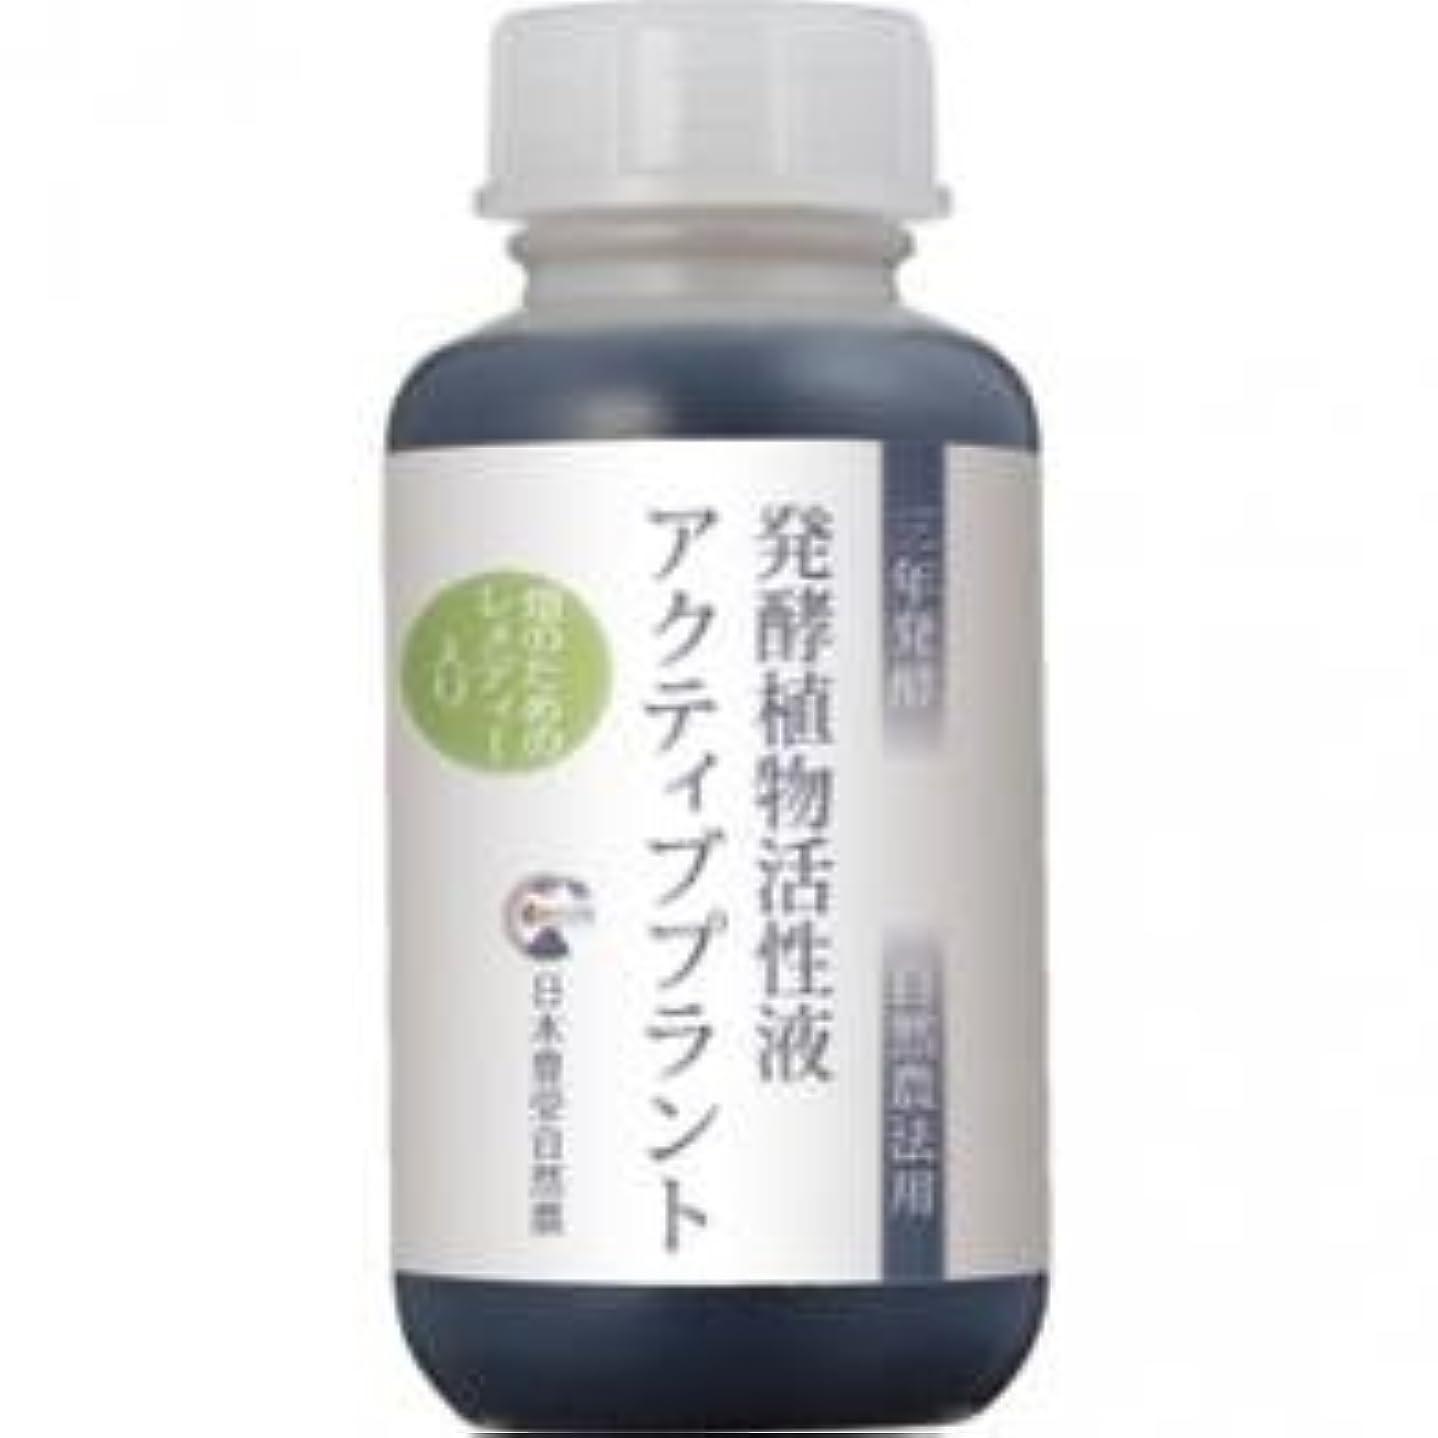 脇に呼吸する近代化する発酵アクティブプラント(植物活性液)